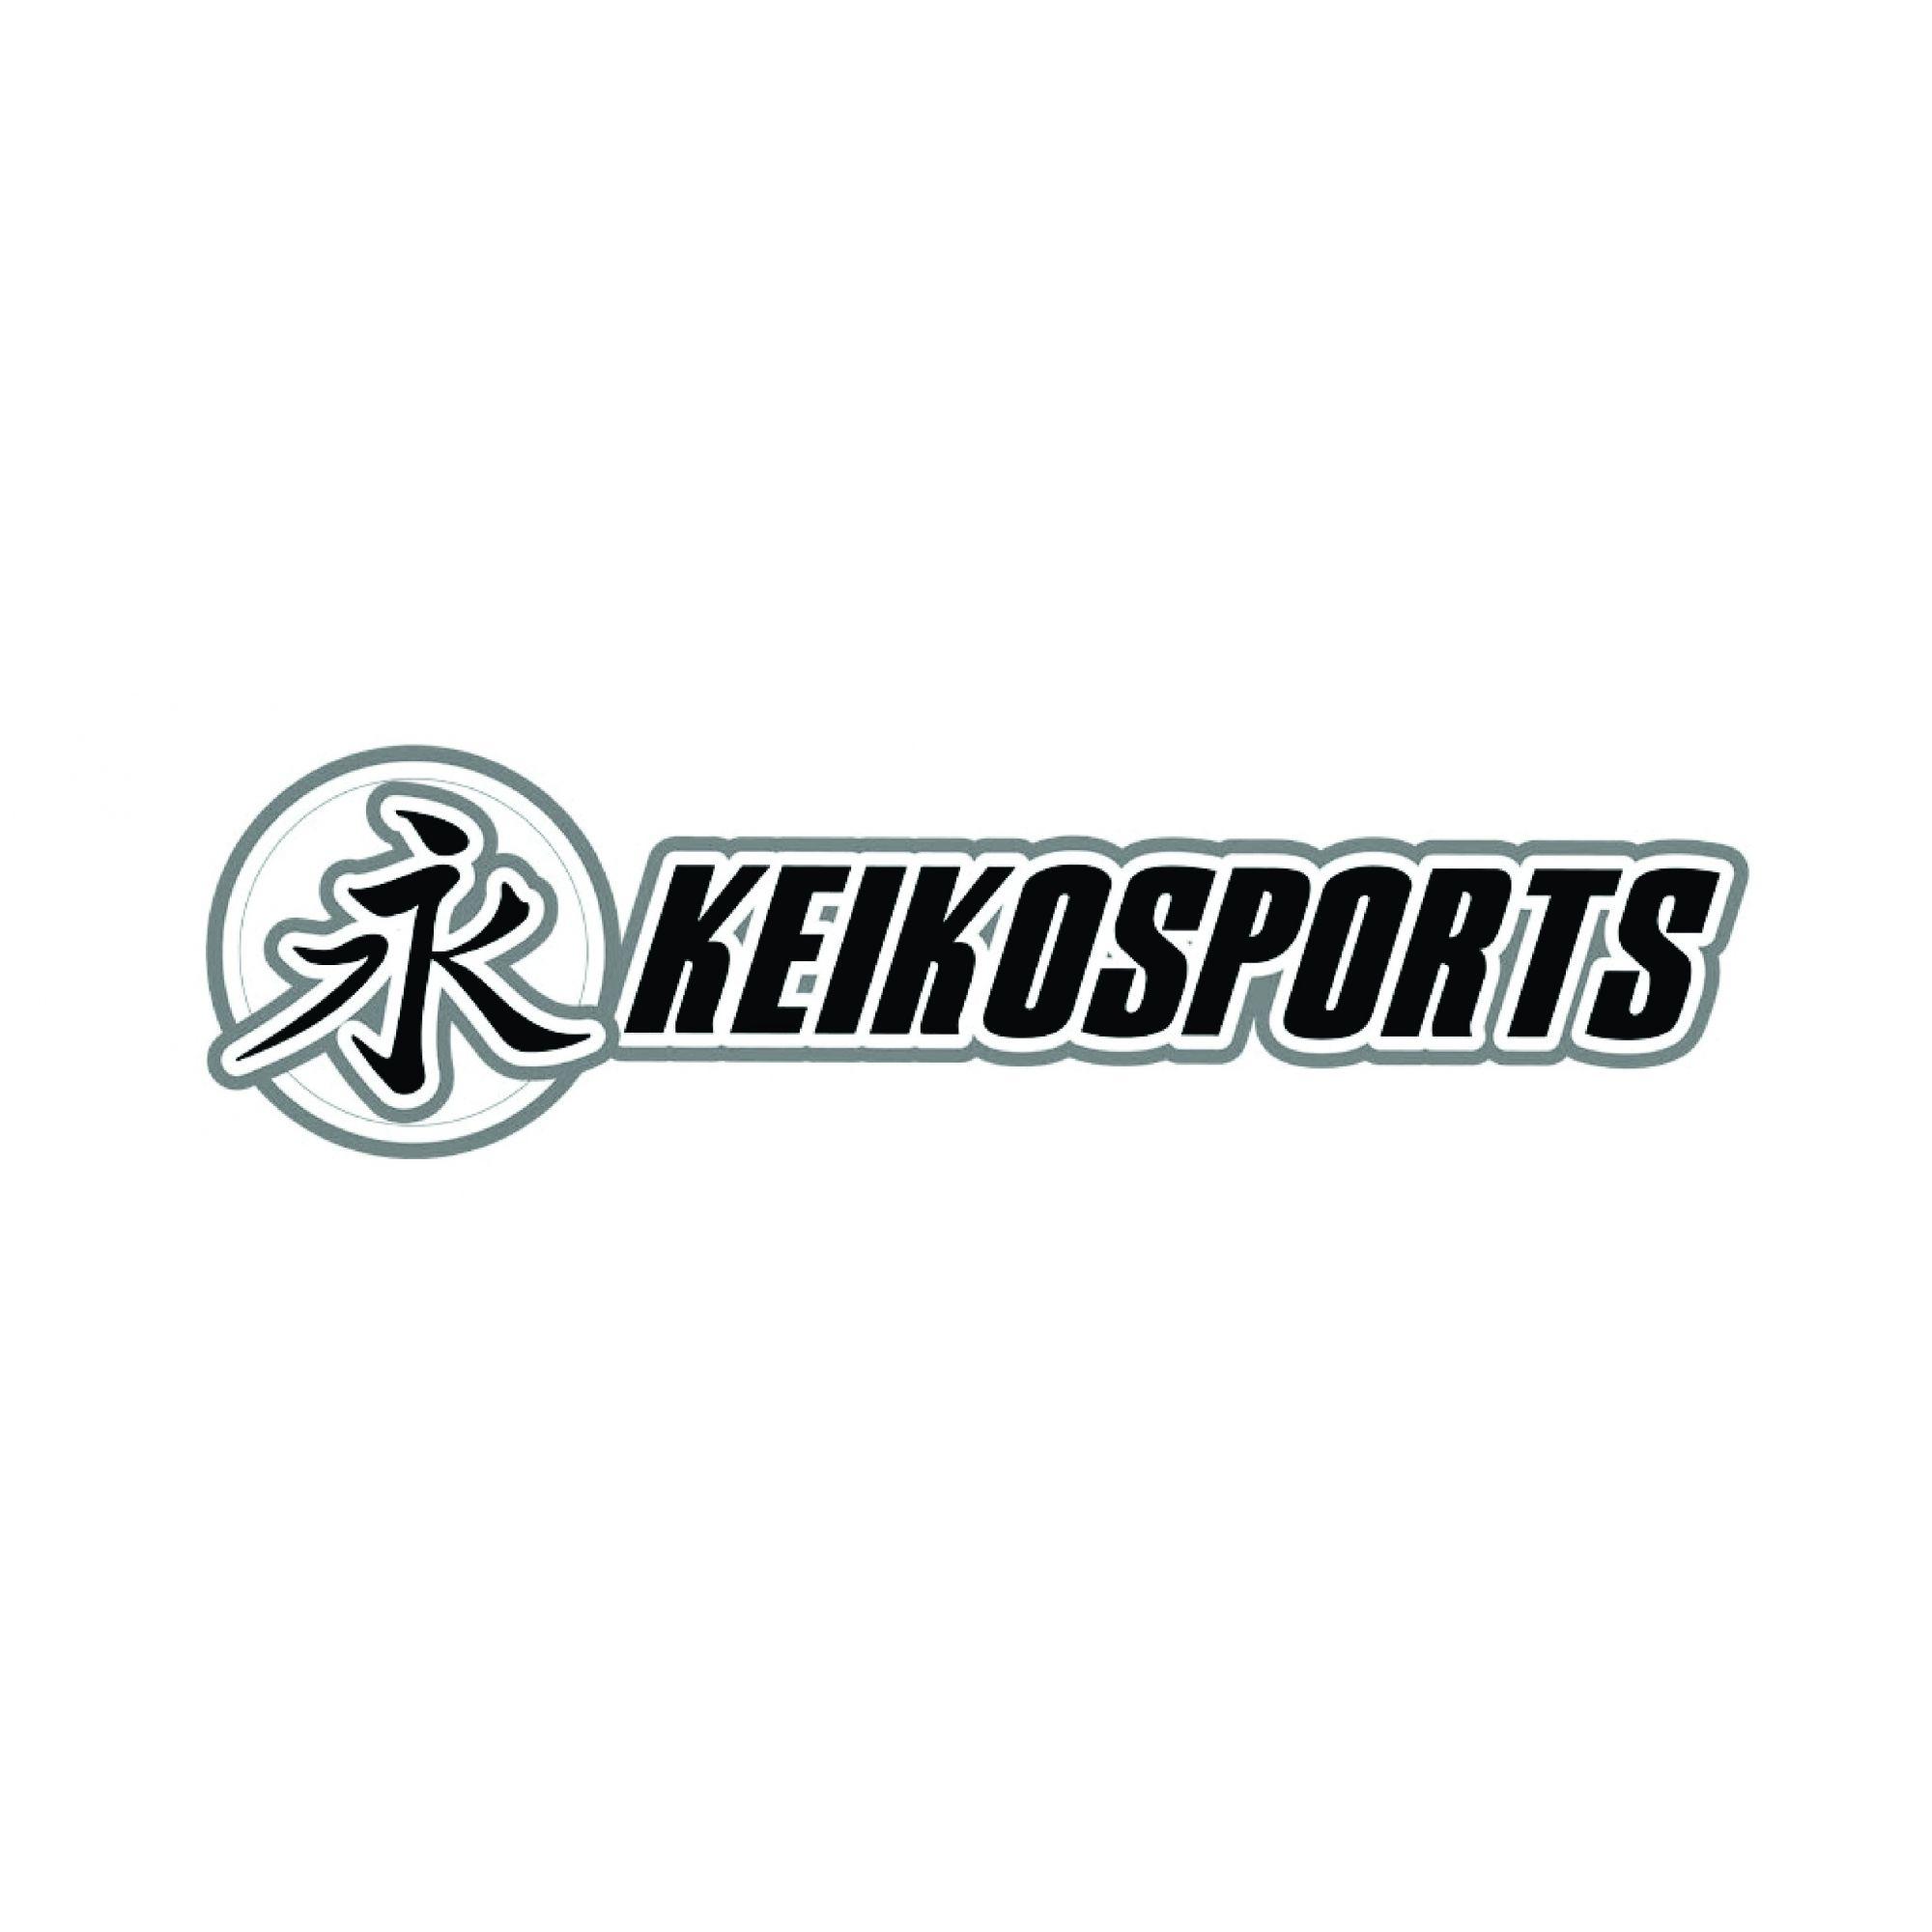 A686 Auto Adesivo Marca KeikoSports